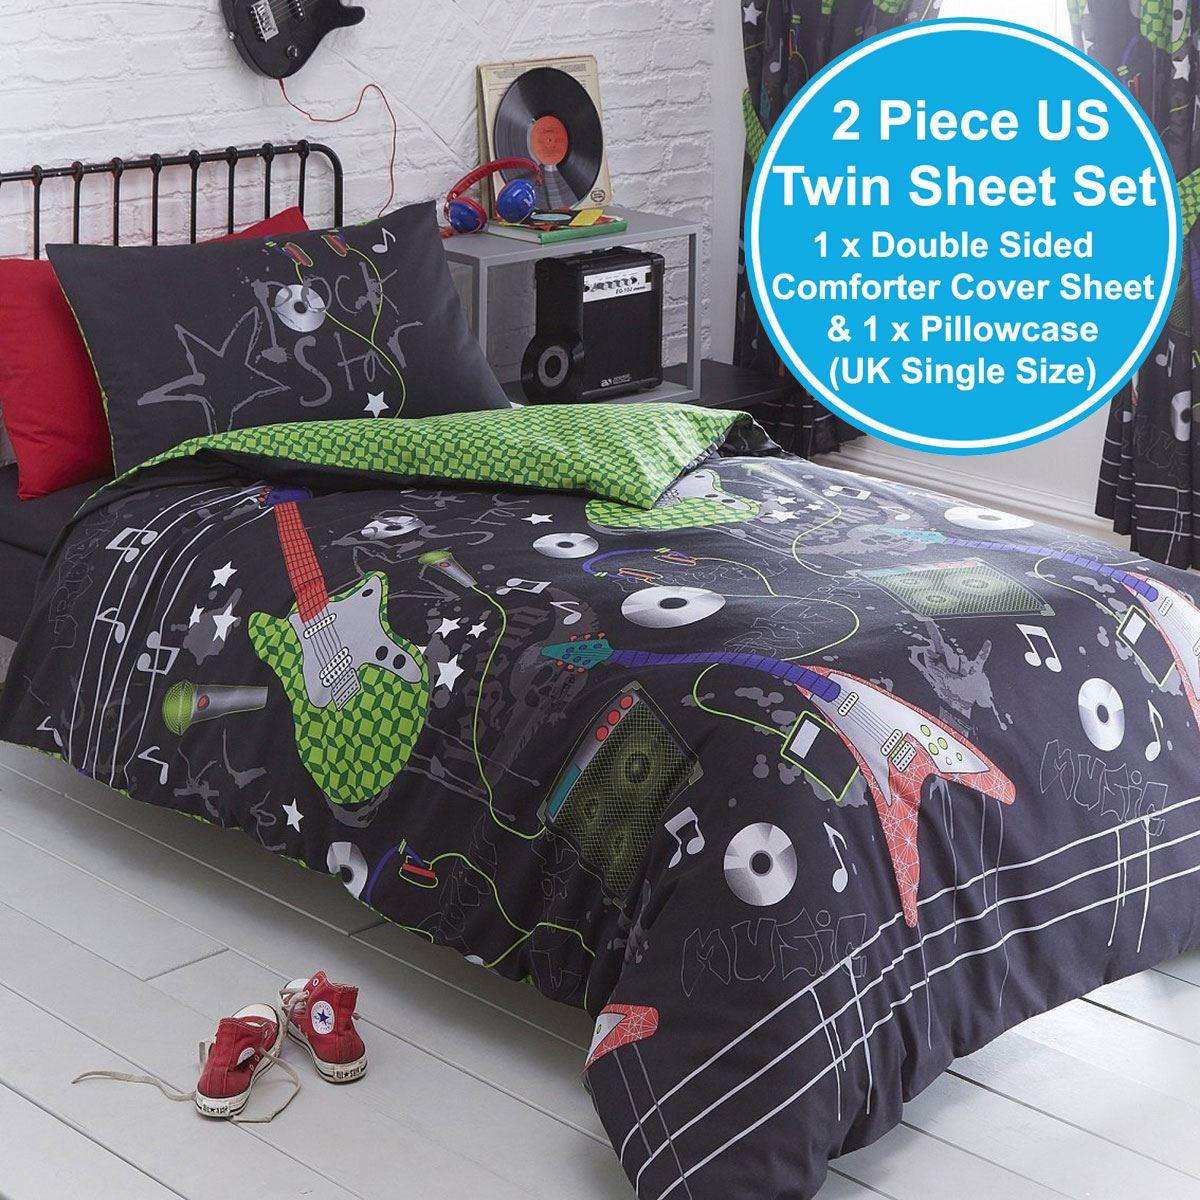 Indexbild 103 - Teenager Bettwäsche Sets - Einzel / Doppelbett Bettwäsche Jungen Musik Graffiti